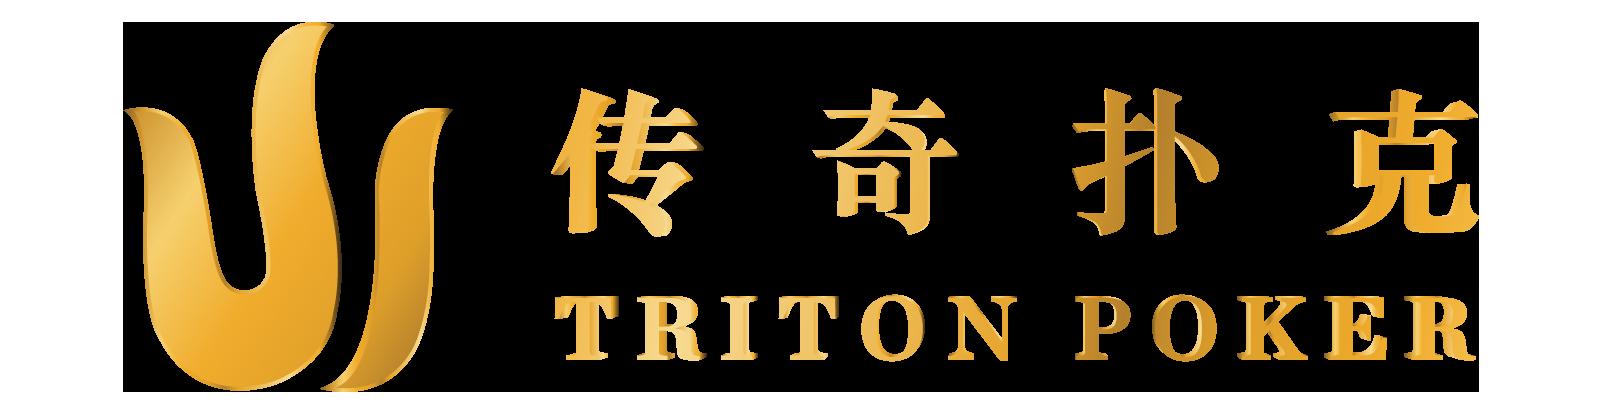 horizontal triton logo